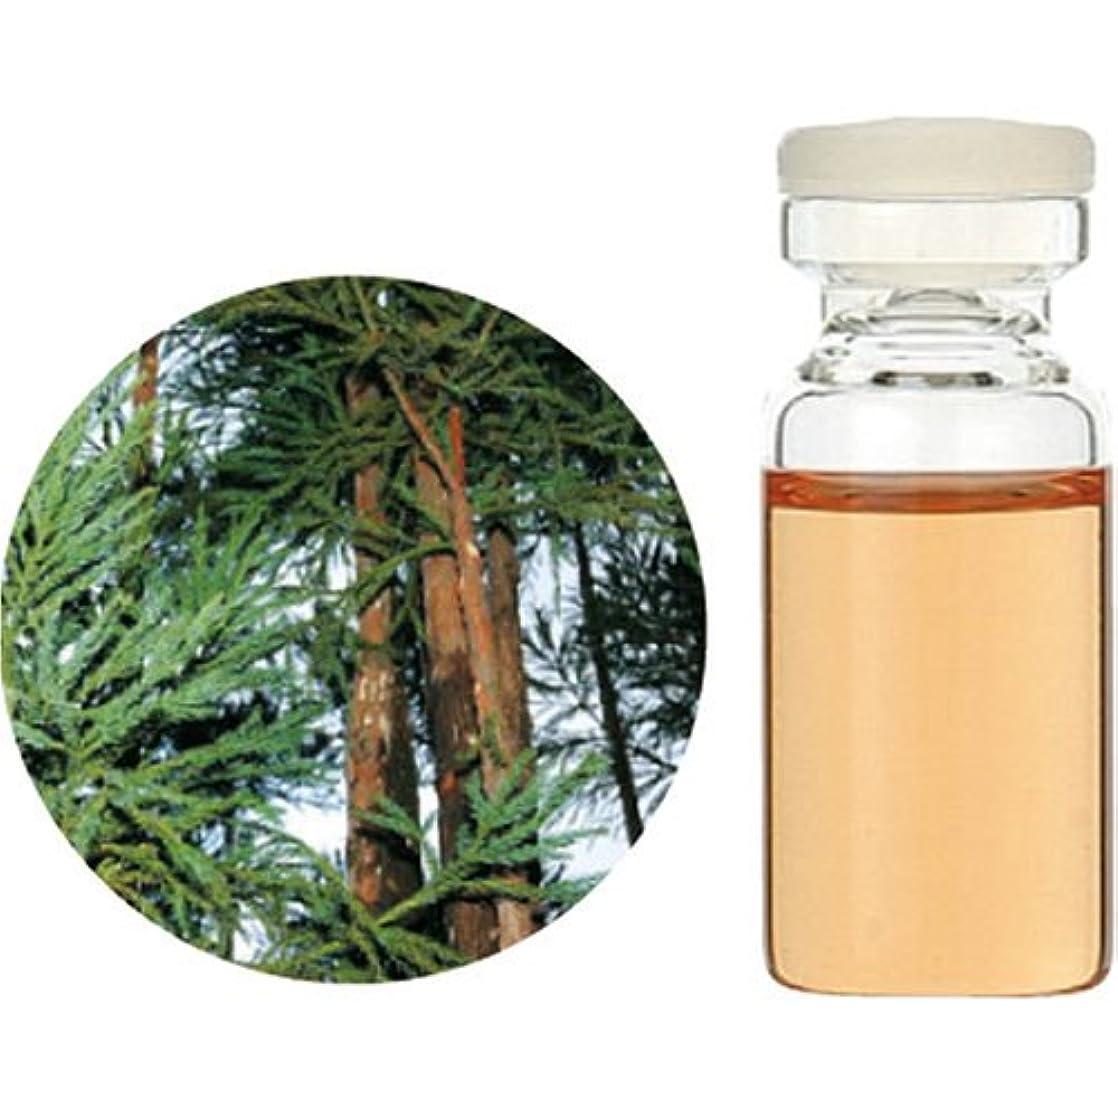 ハンサムペニー下る生活の木 C 和精油 杉 (木部) エッセンシャルオイル 10ml